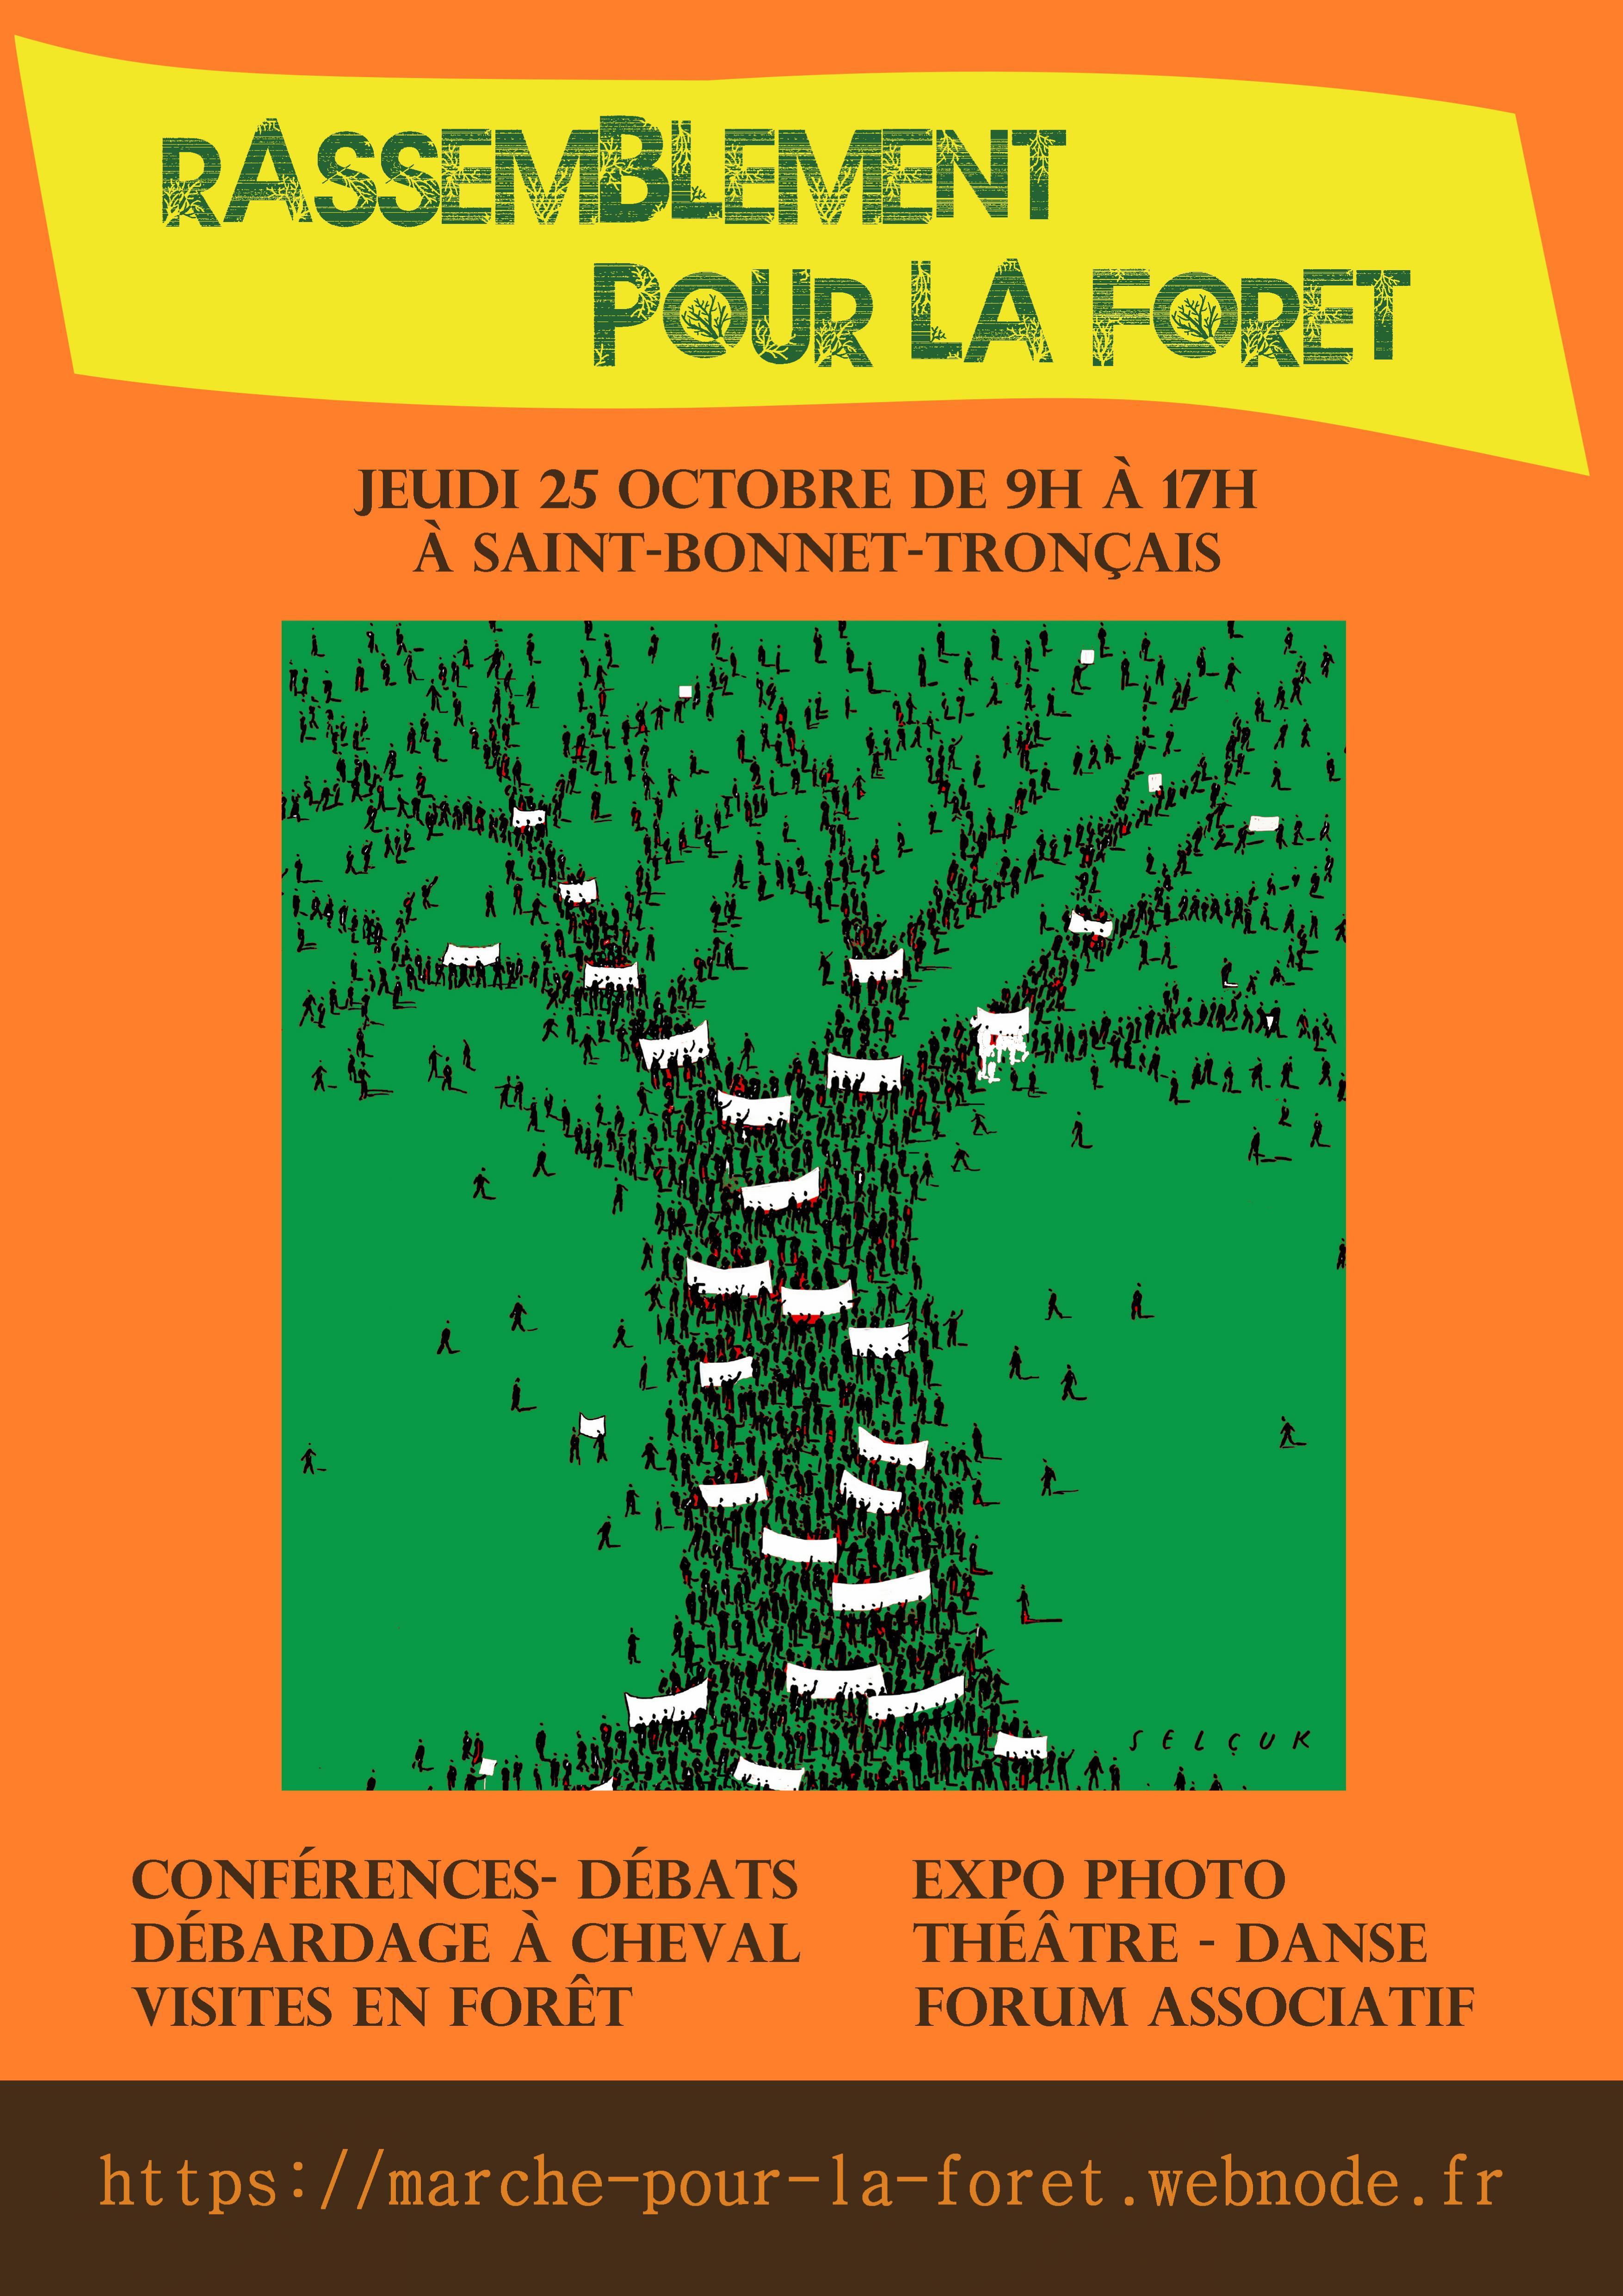 Rassemblement pour la forêt 25 octobre